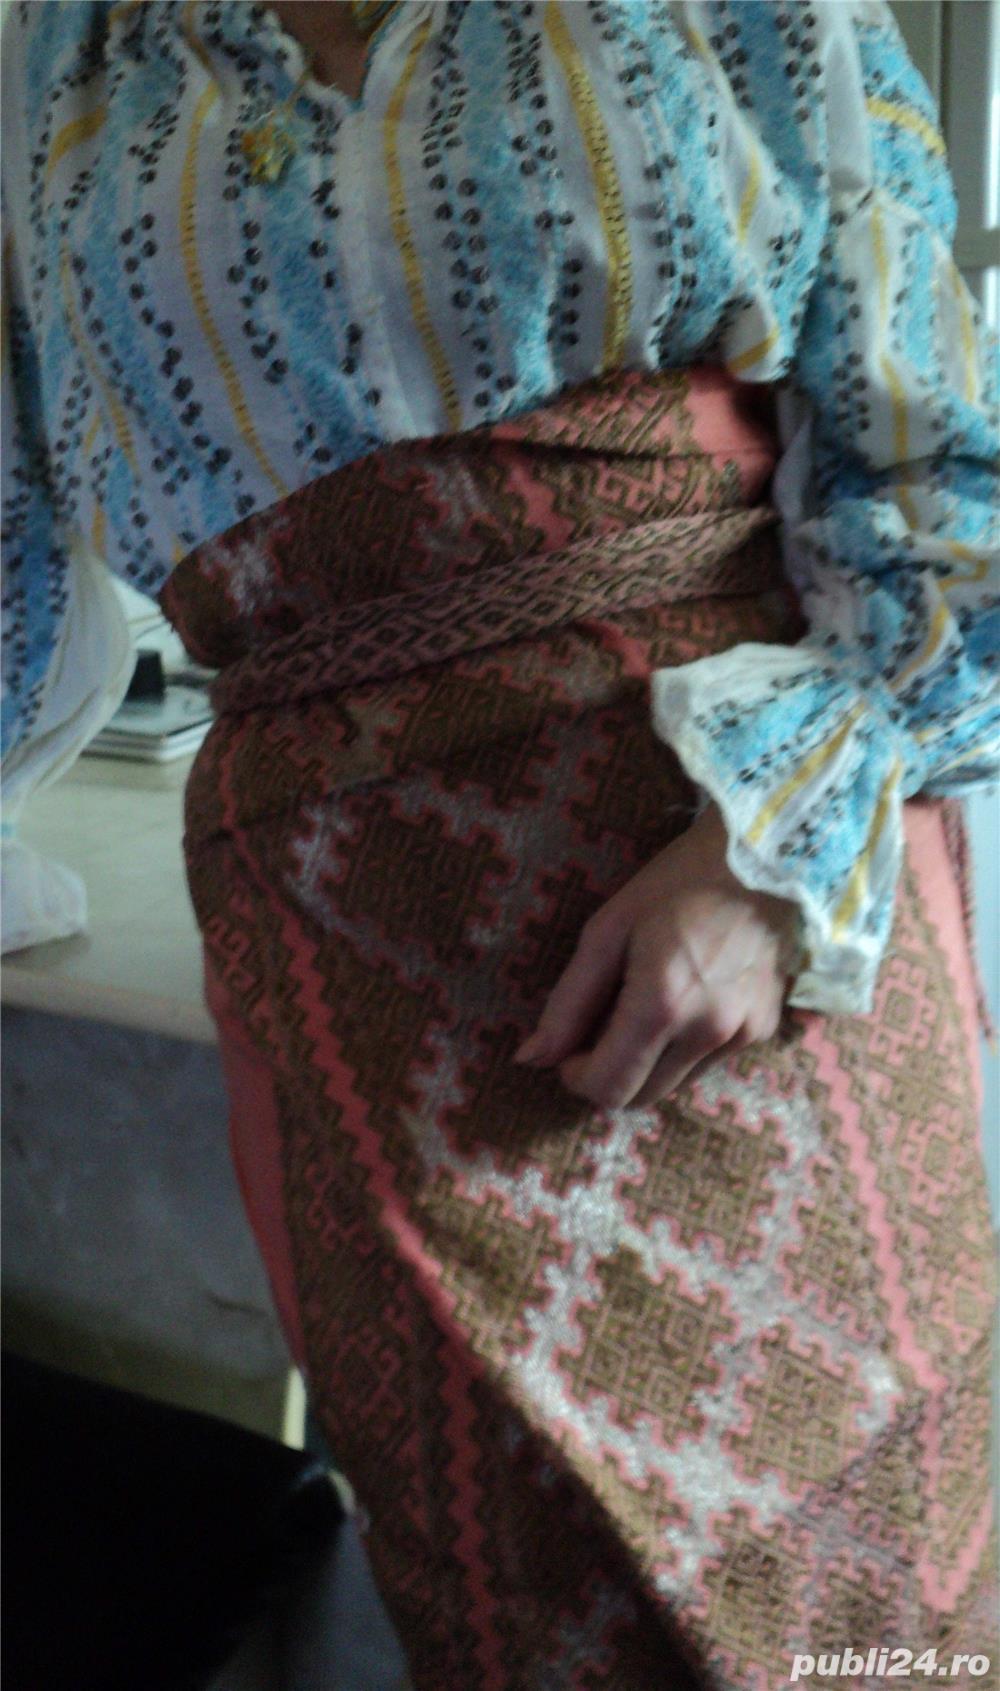 VINTAGE costum popular foarte vechi (are peste 110 ani). Este curat si foarte bine păstrat